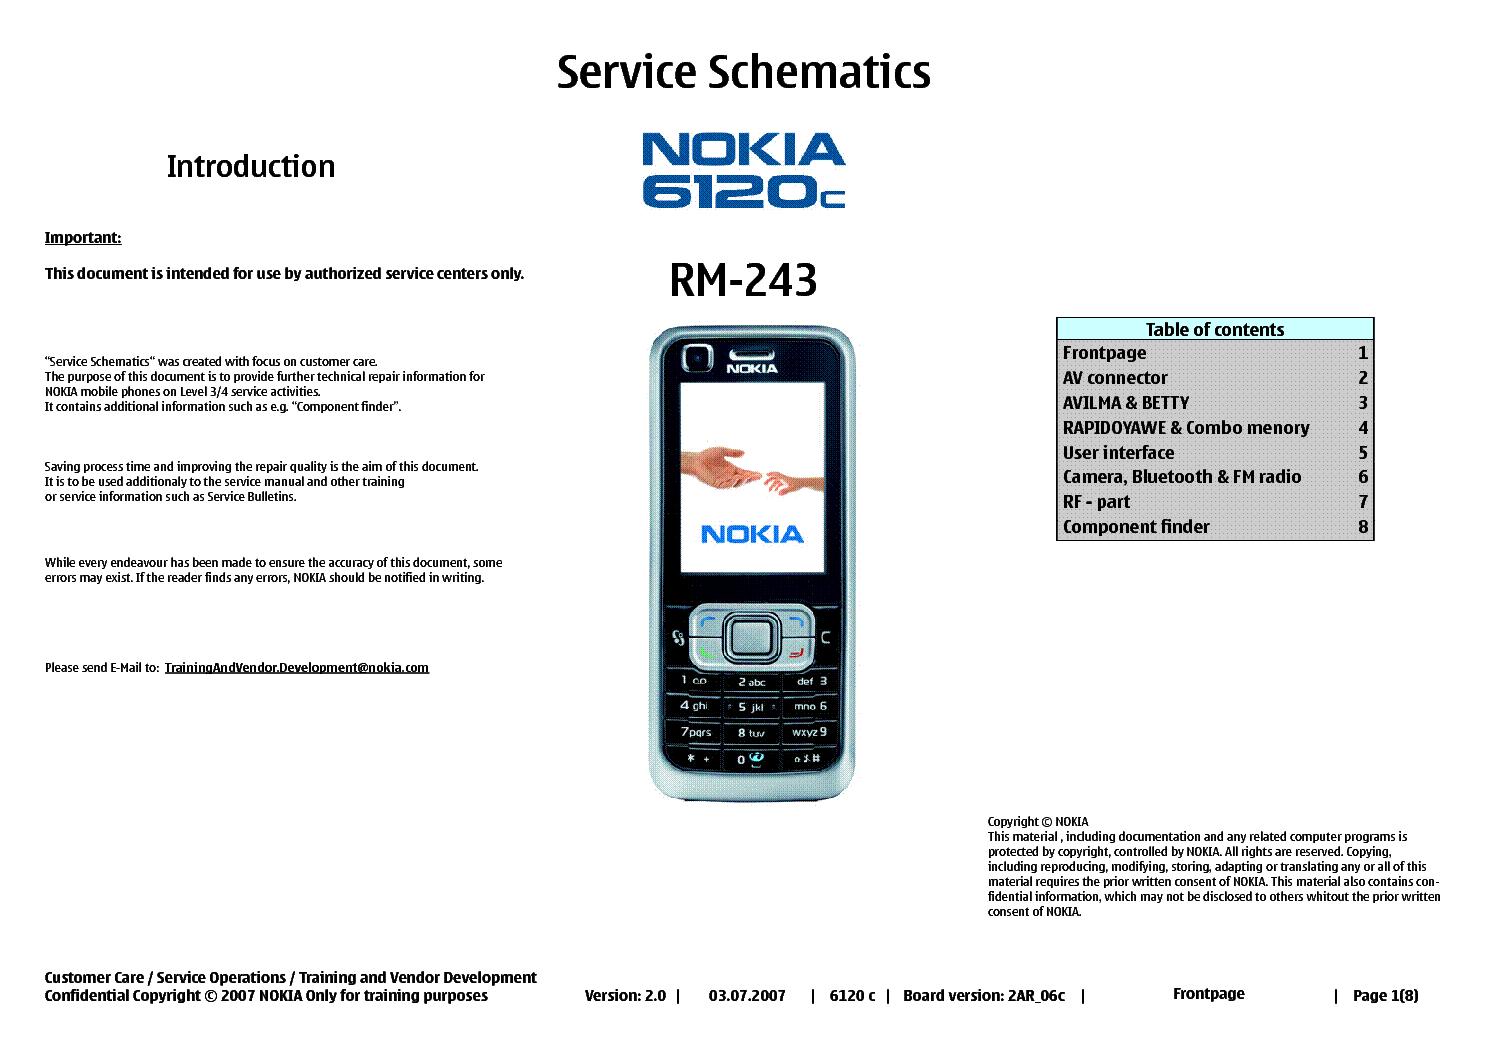 nokia 6120c rm 243 service schematics v 2 0 service manual download rh elektrotanya com Nokia AT&T Manual iPod Manual